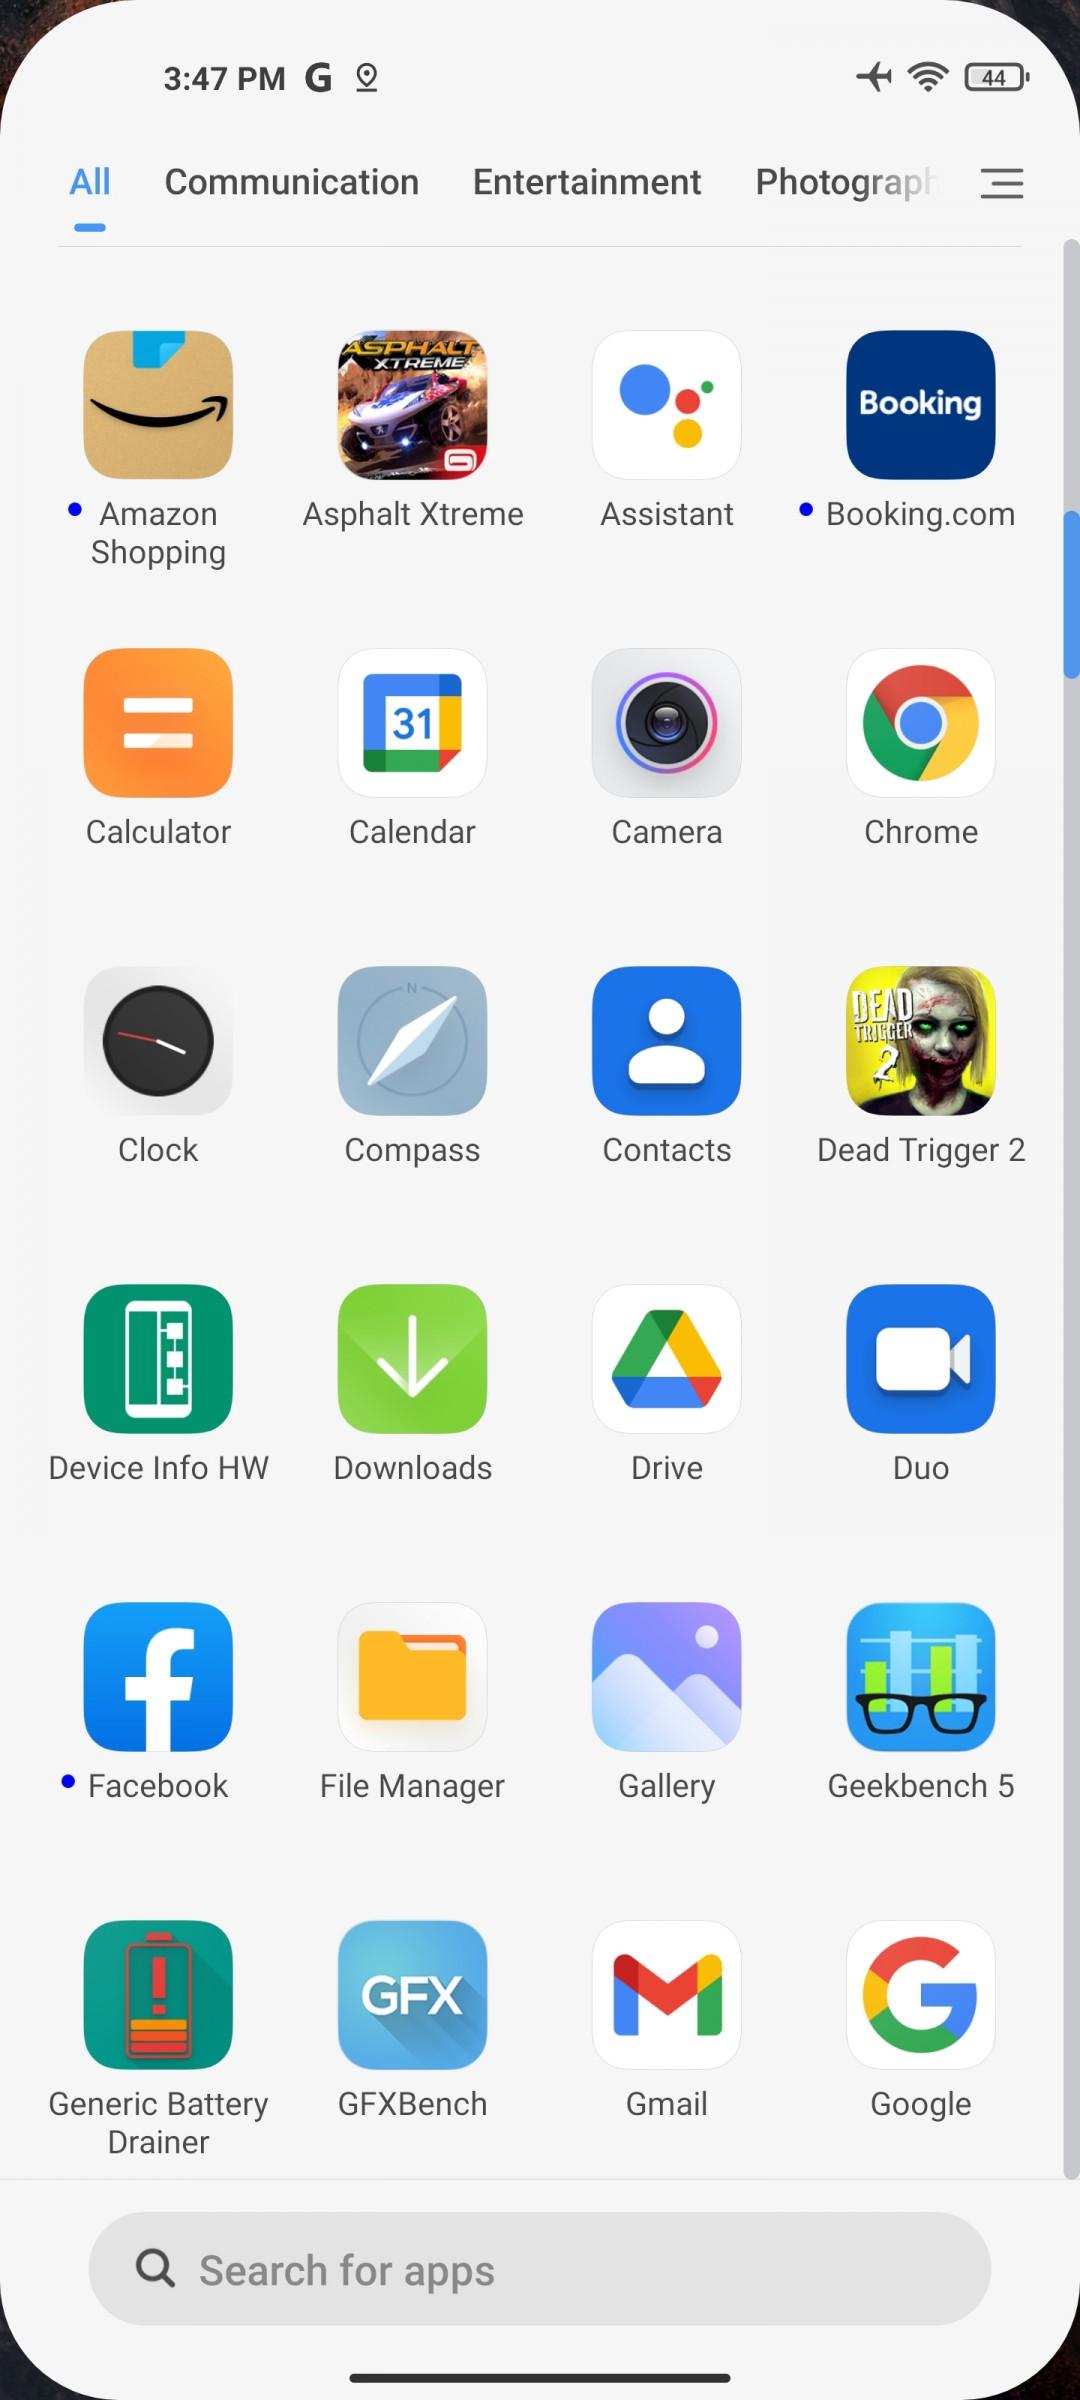 بررسی کامل و تخصصی گوشی می 11 اولترا شیائومی 48